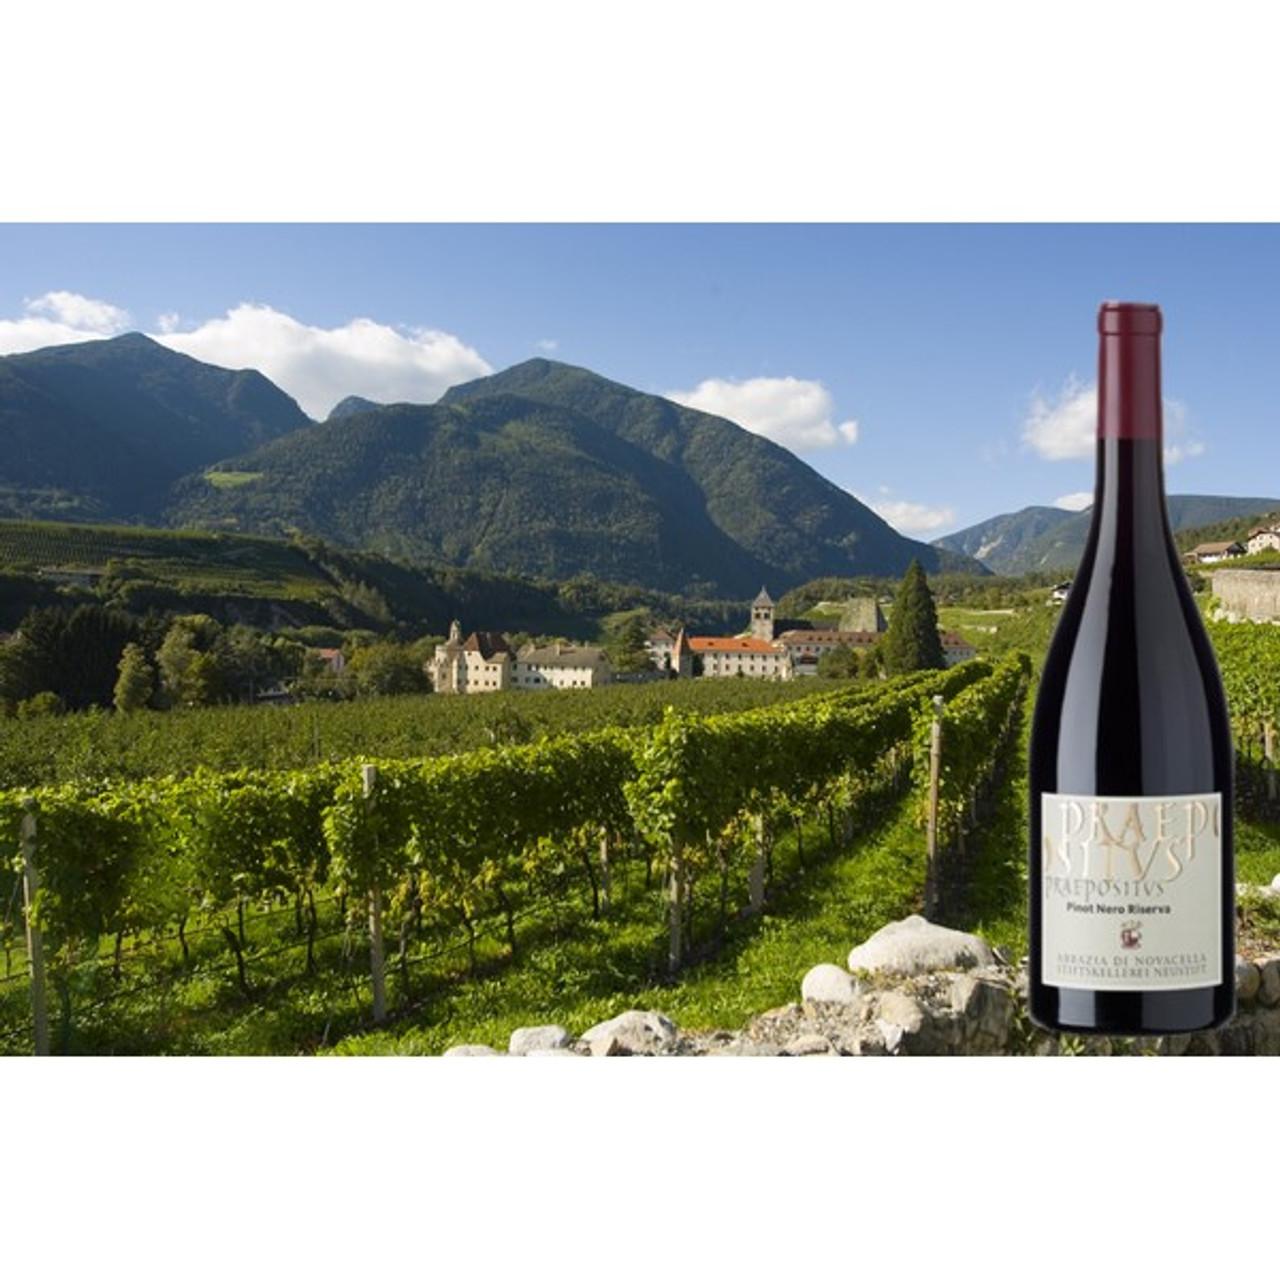 Abbazia di Novacella, Praepositus Riserva Pinot Nero  2012